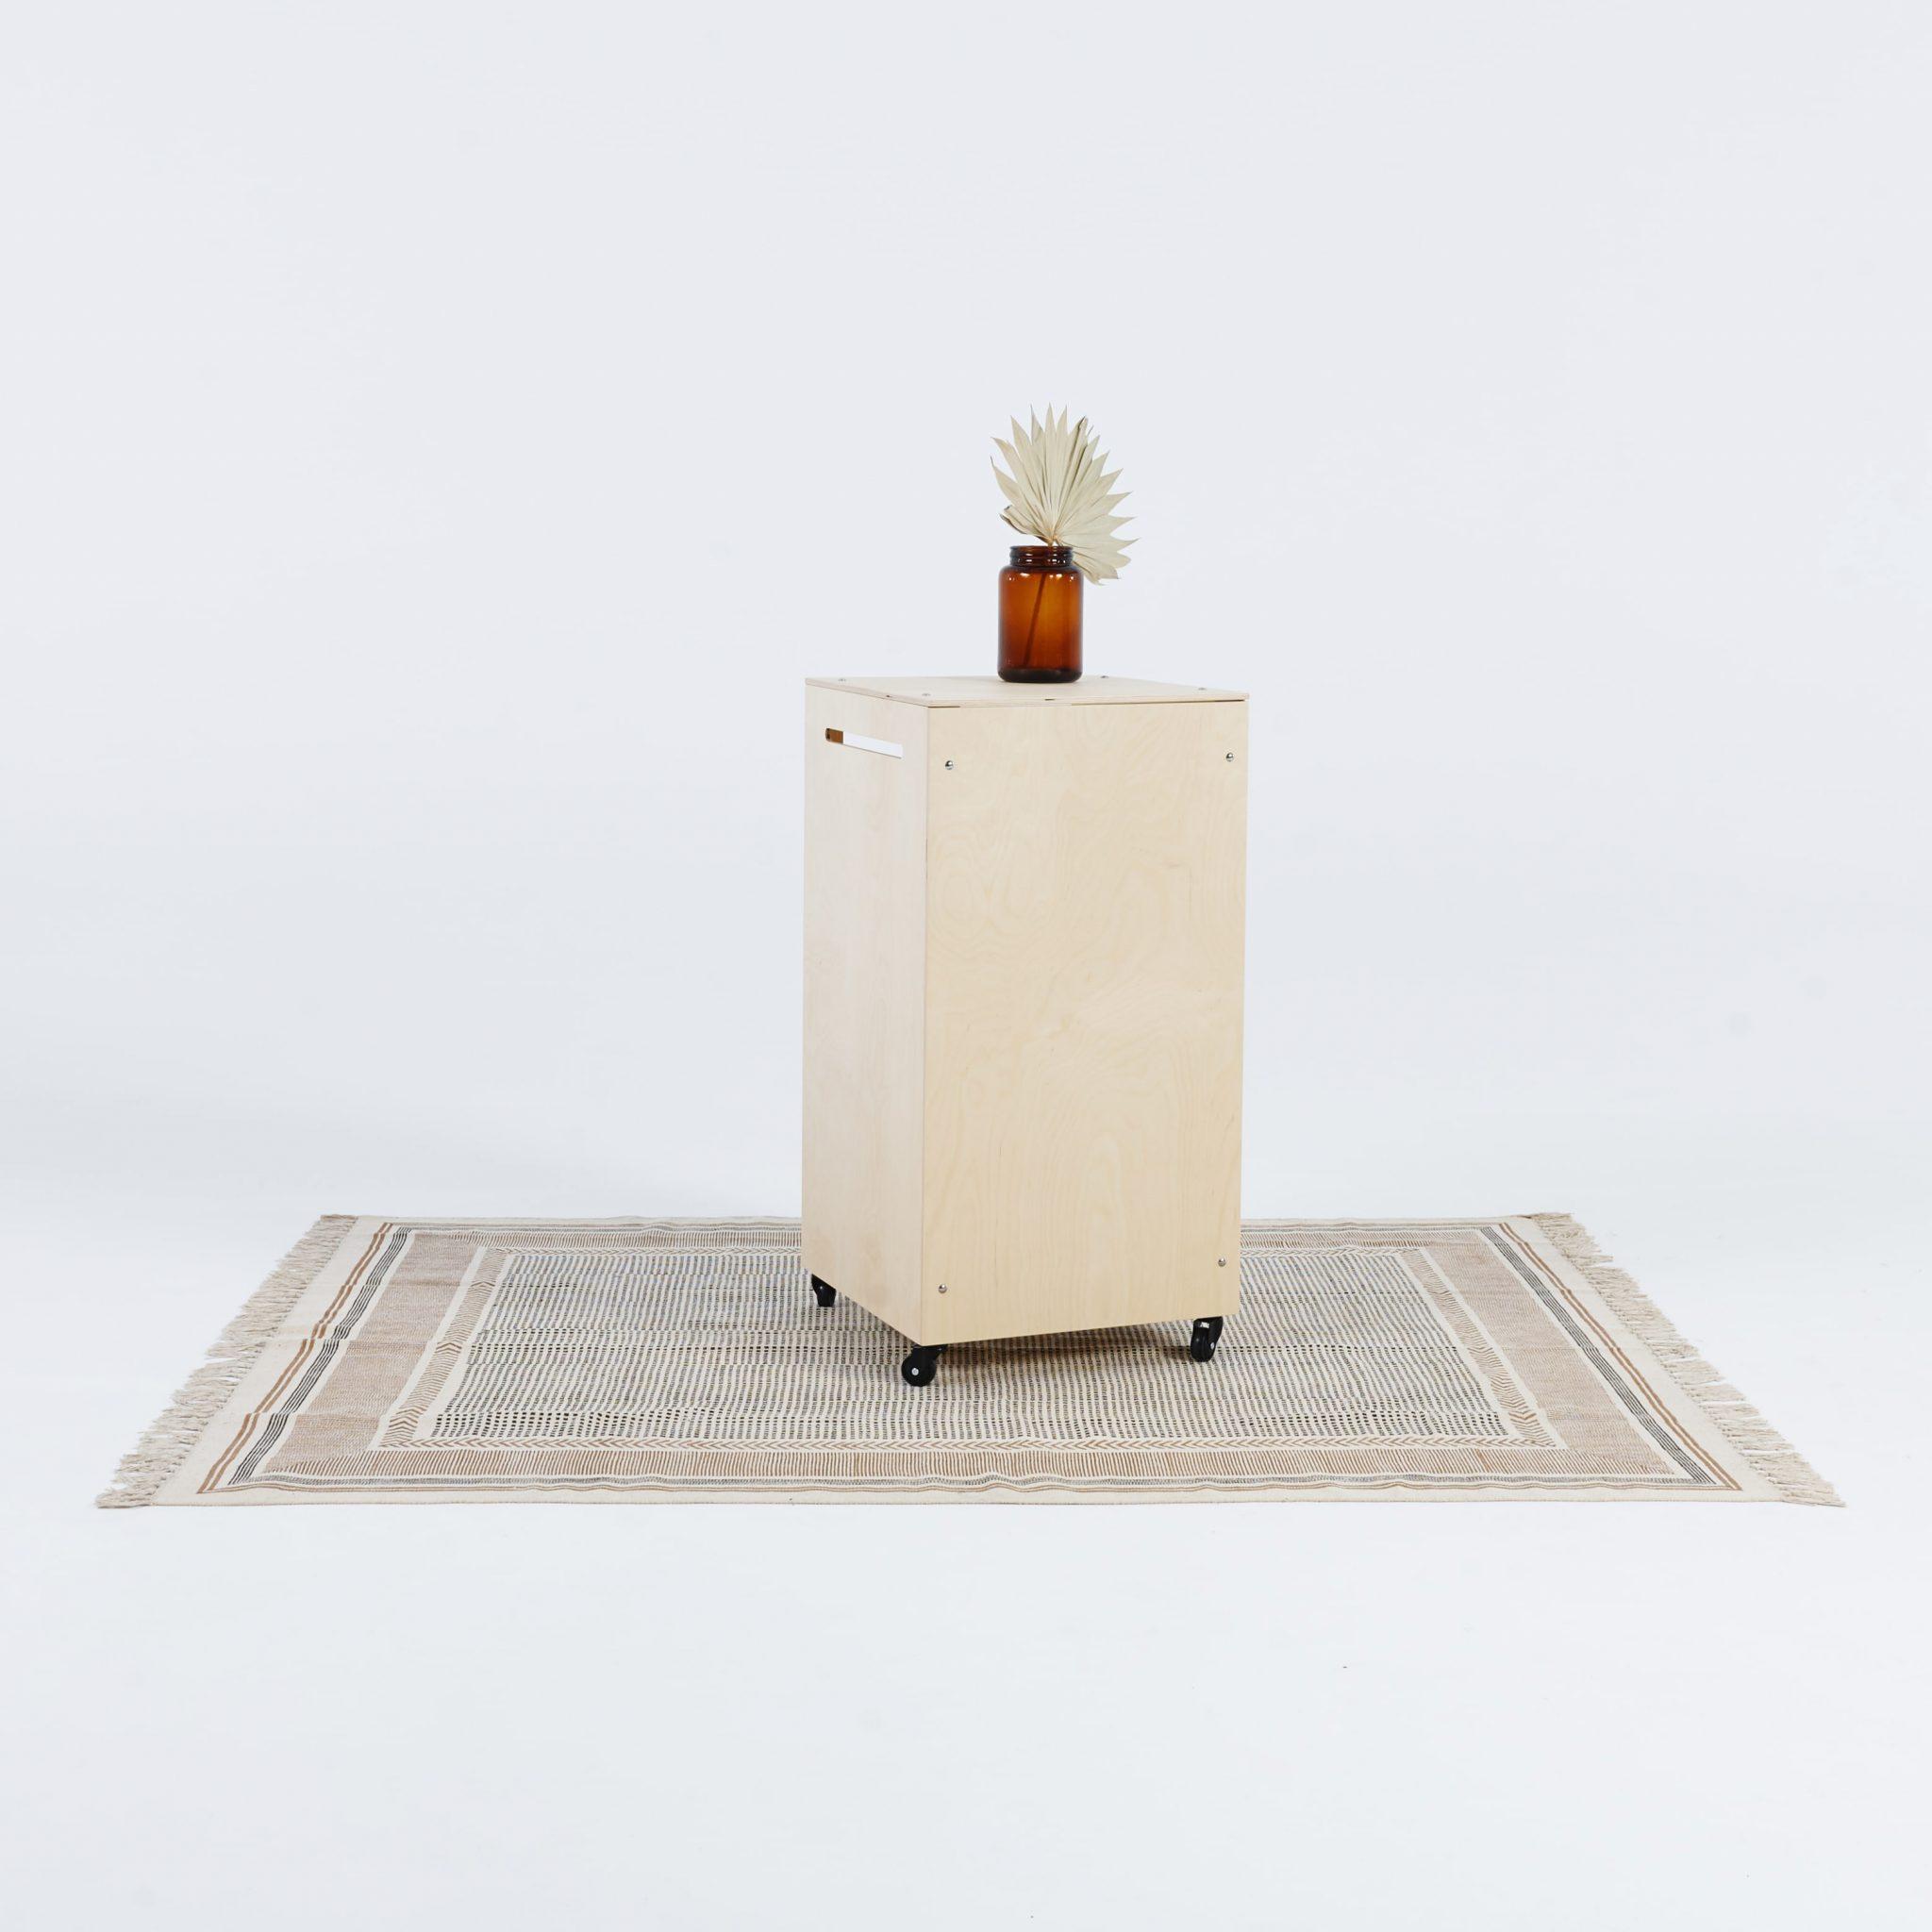 Drewniana personalizowana trybunka ekspozycyjna